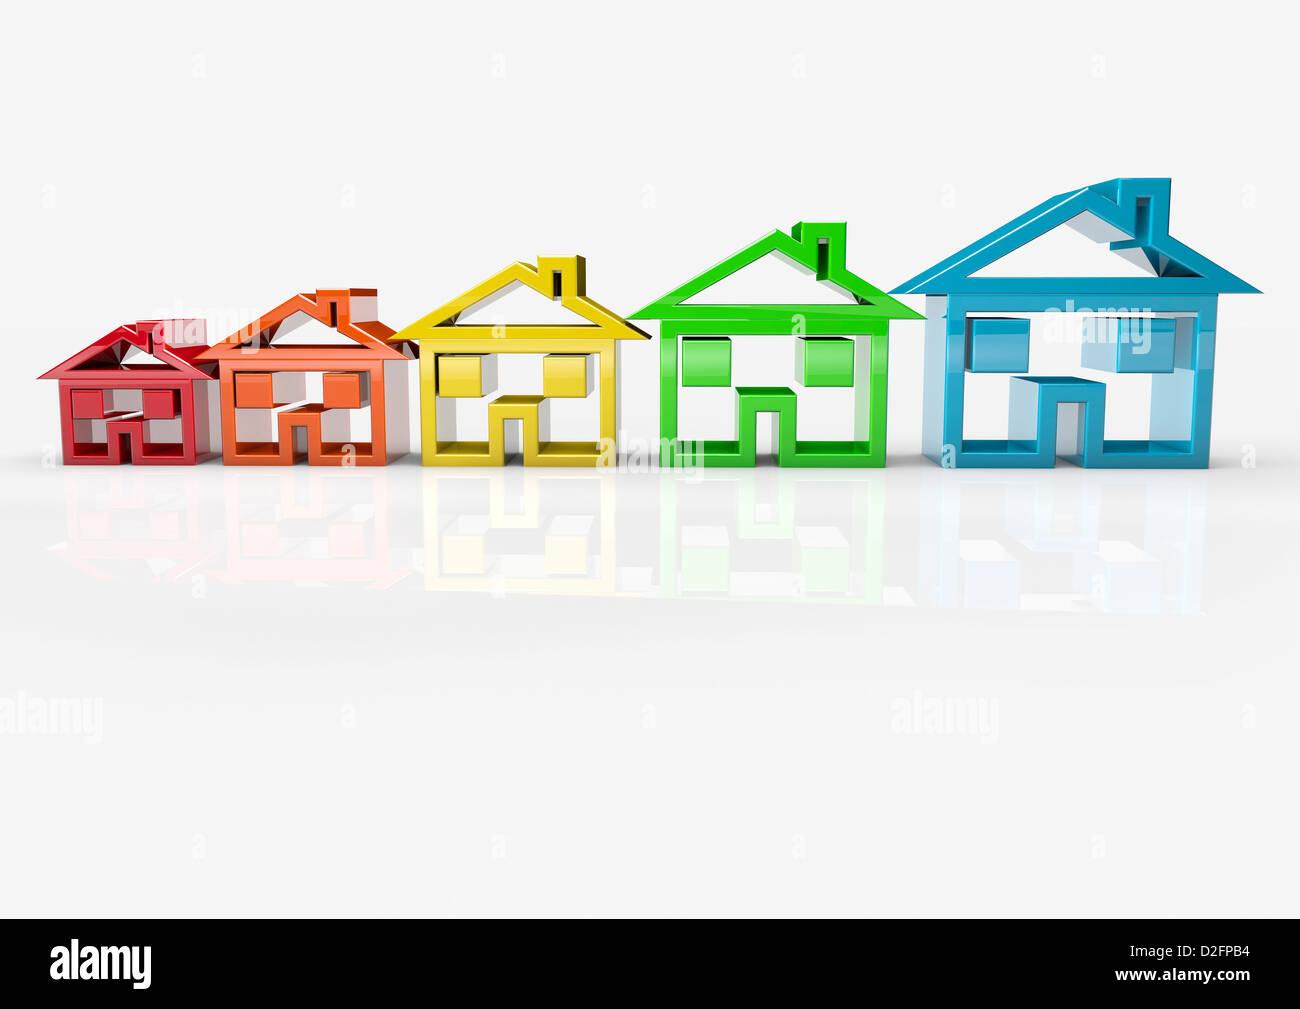 Casa simboli che rappresentano il mercato immobiliare - crescita / delocalizzazione / trading-up in movimento / Immagini Stock